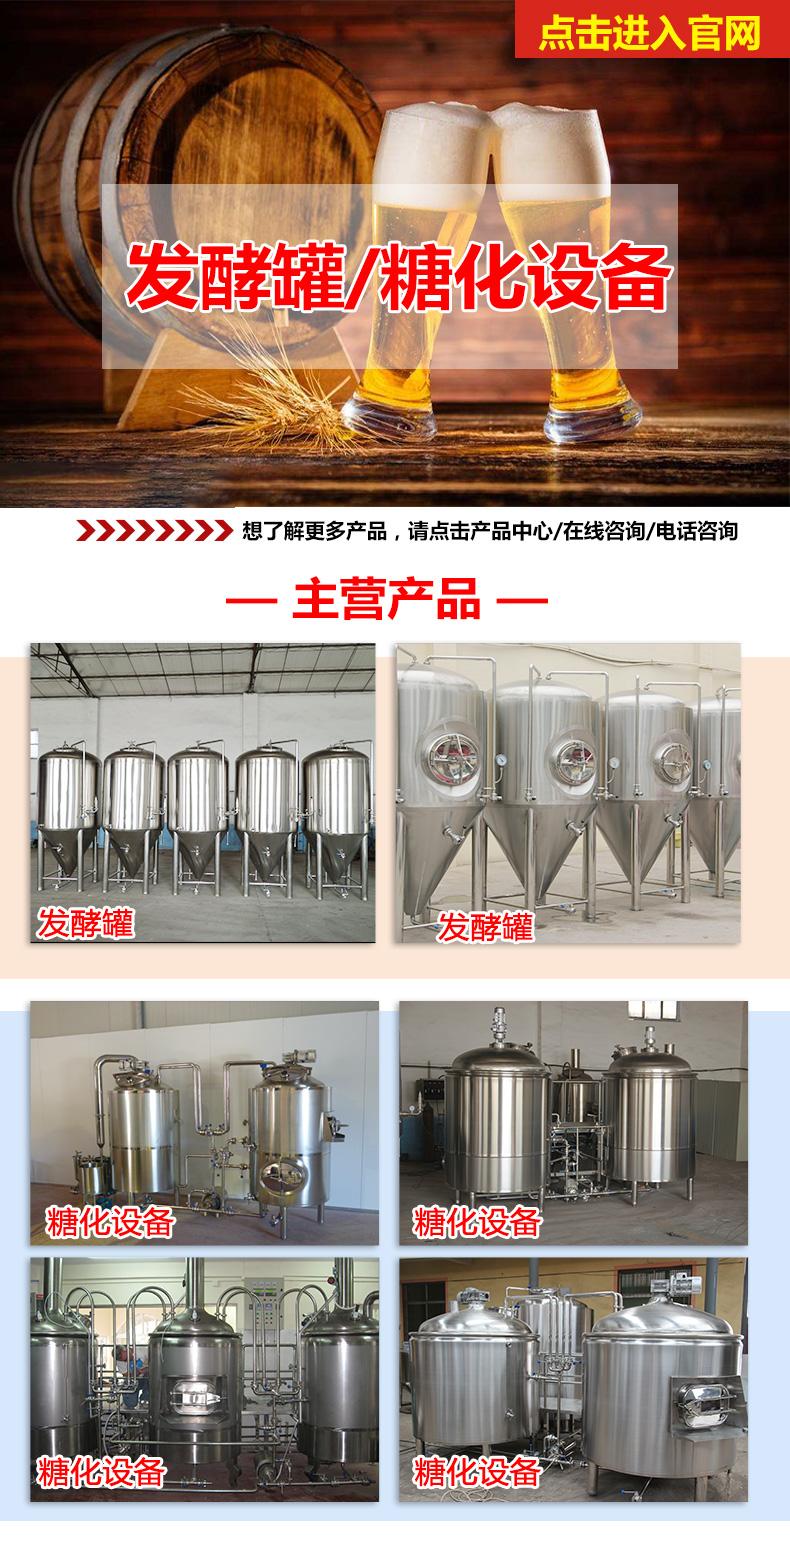 陕西鲜啤店设备***新行情